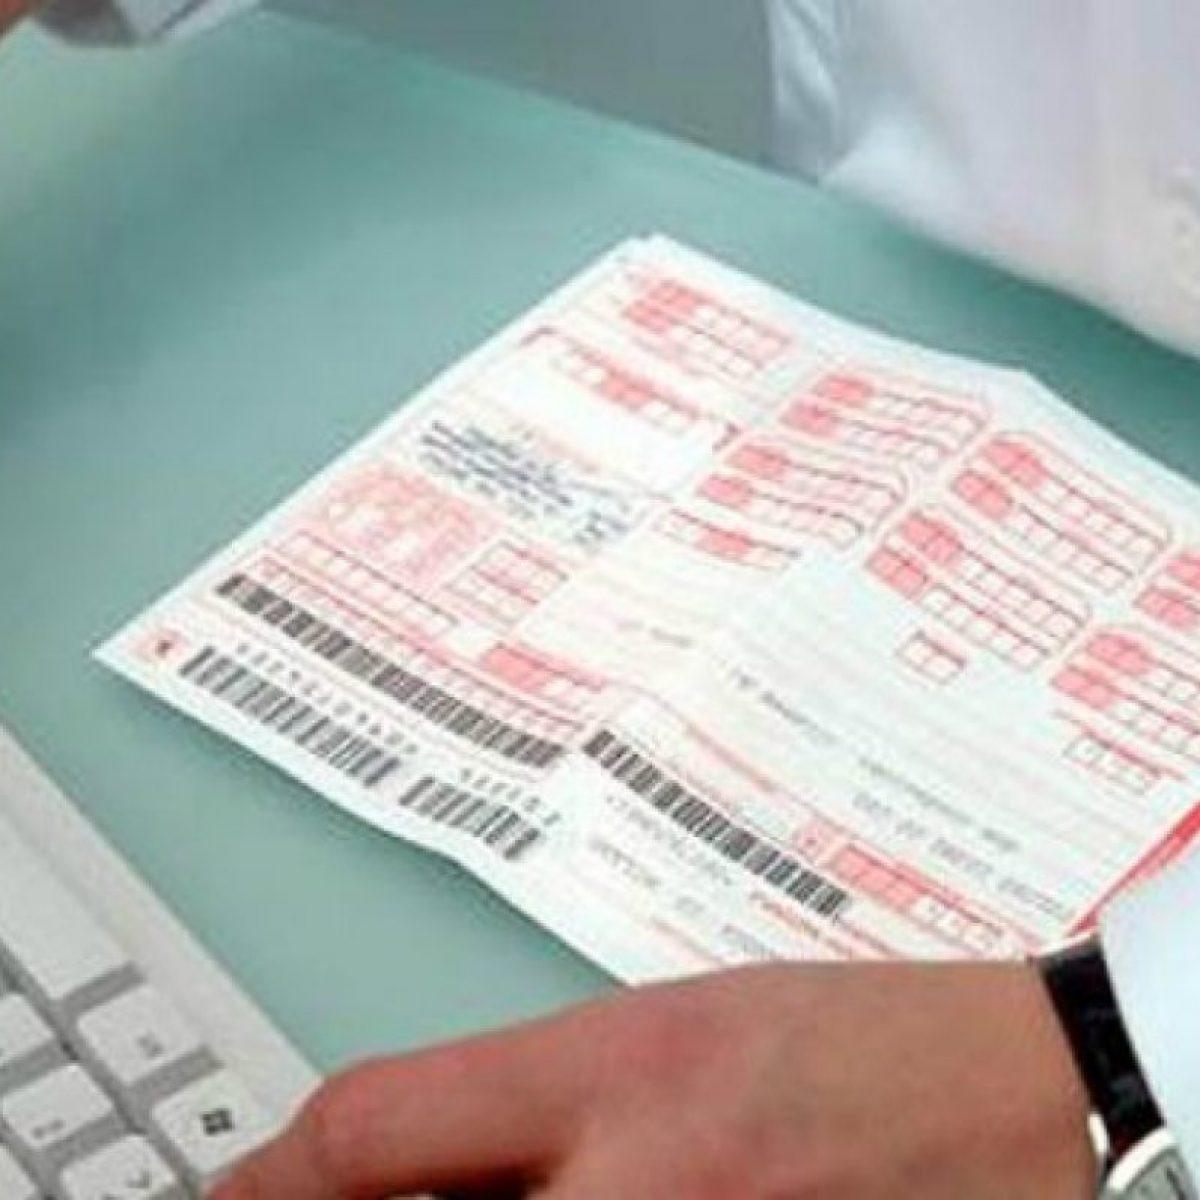 Esenzione ticket sanitario per reddito